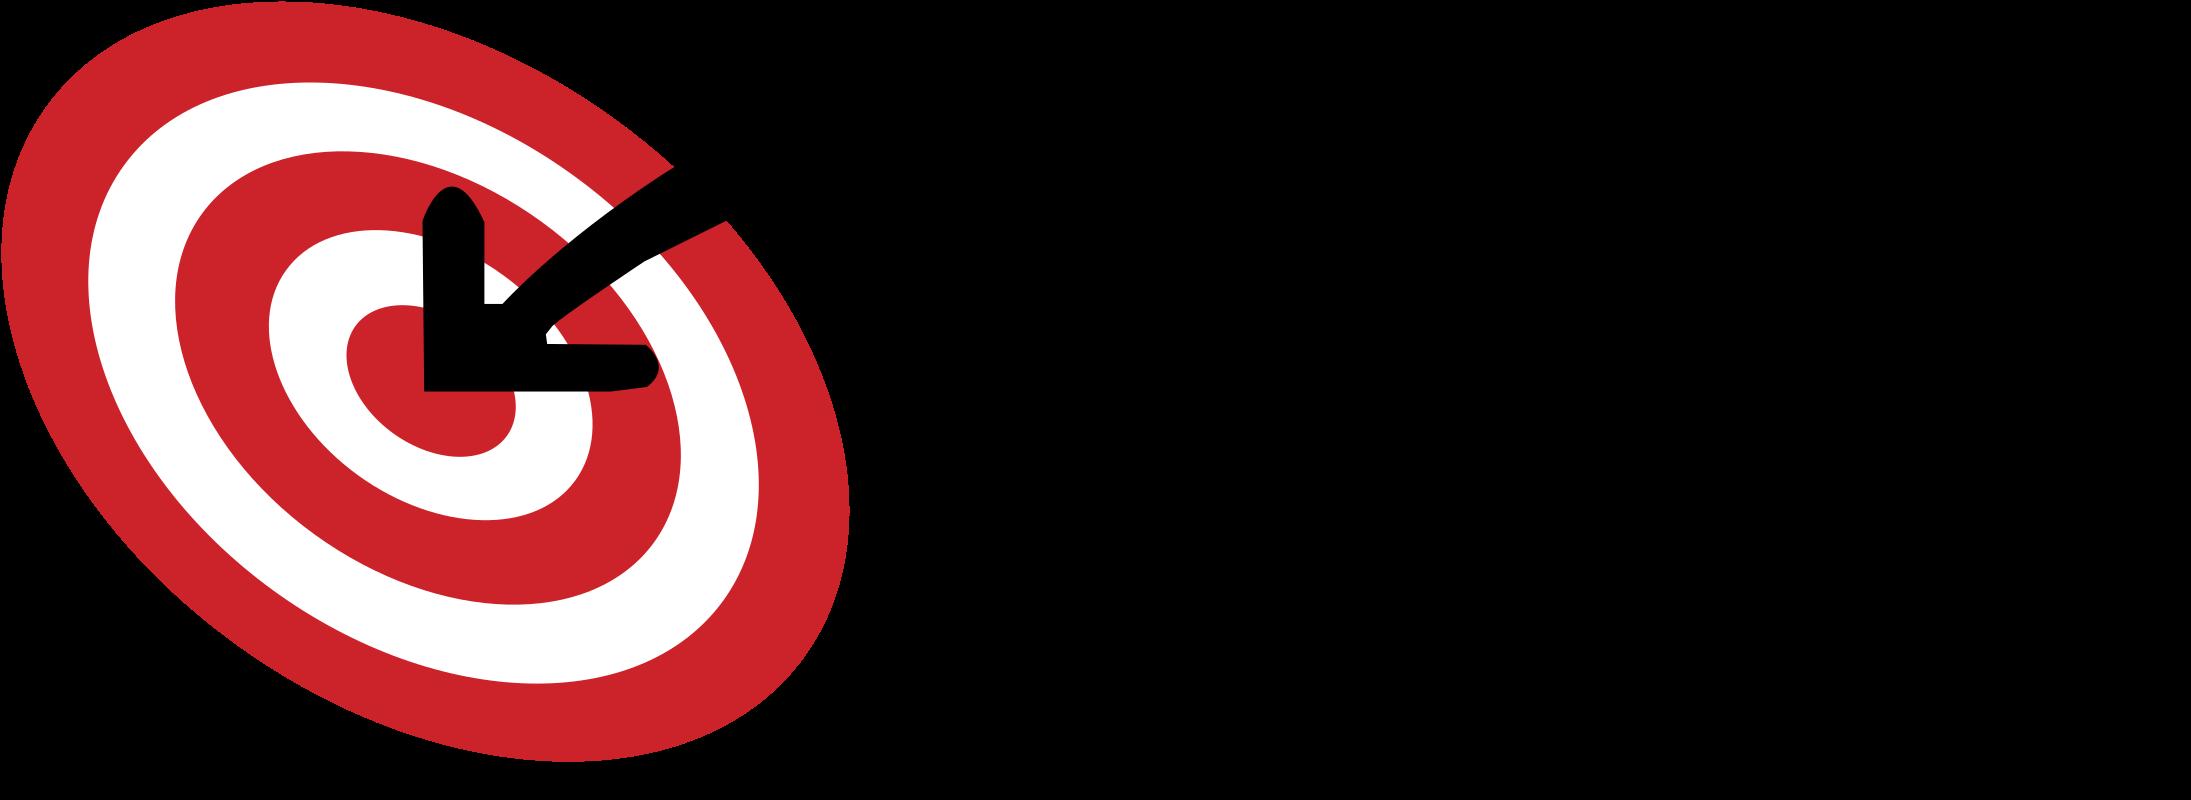 Download Resume Grabber Logo Png Transparent Name Jasmine Full